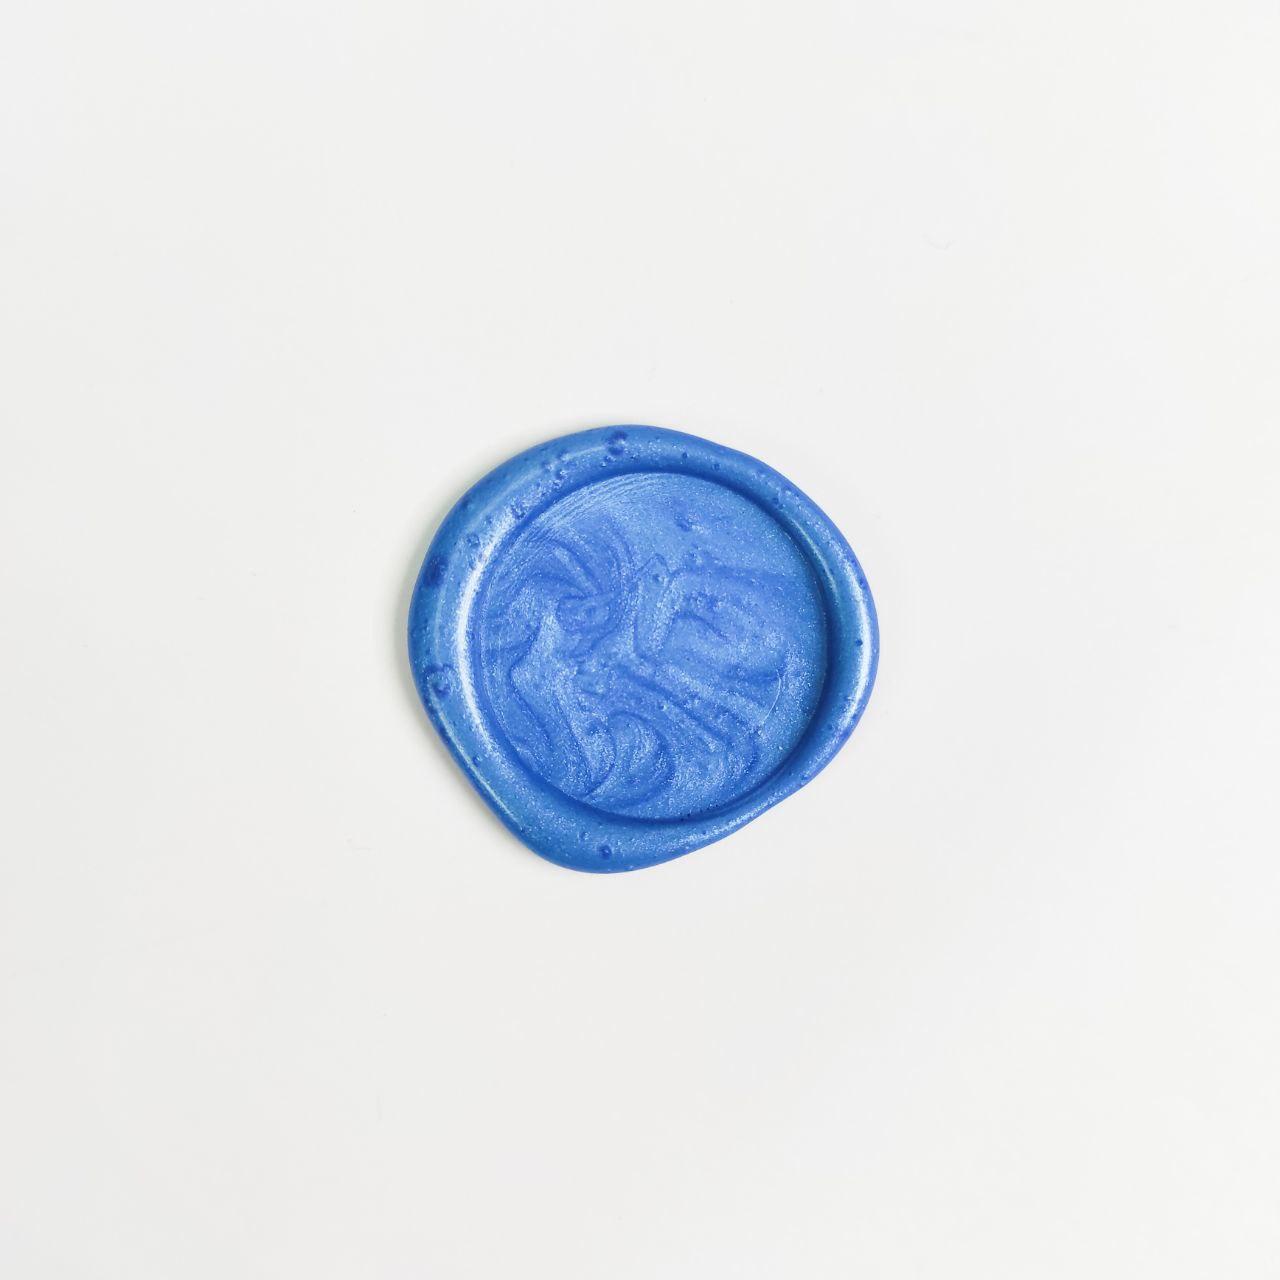 Декоративный сургуч. Цвет - Голубой.